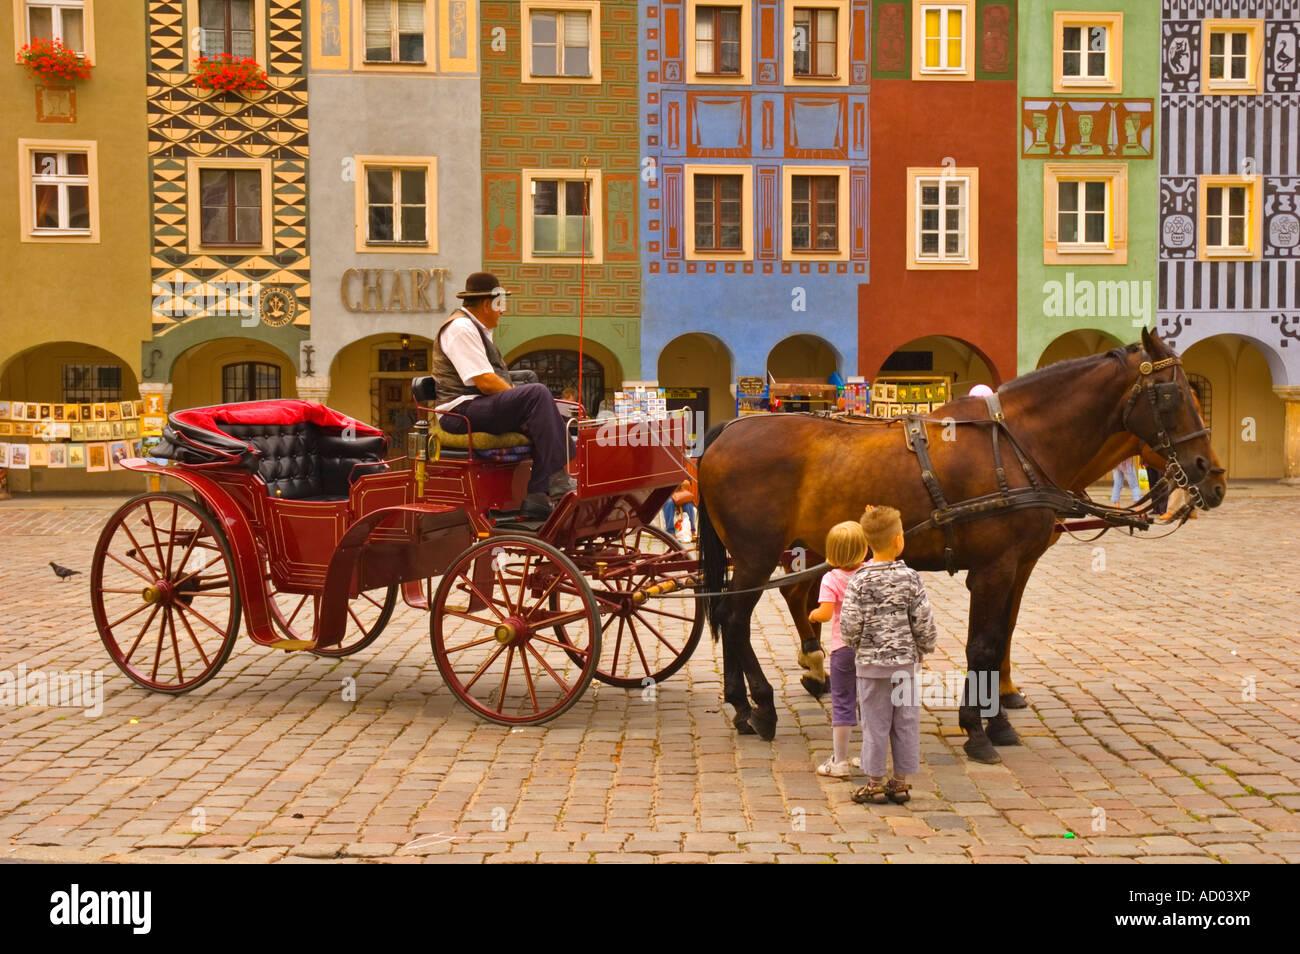 Caballos en la Plaza de la Ciudad Vieja, en el centro de Poznan, Polonia UE Imagen De Stock